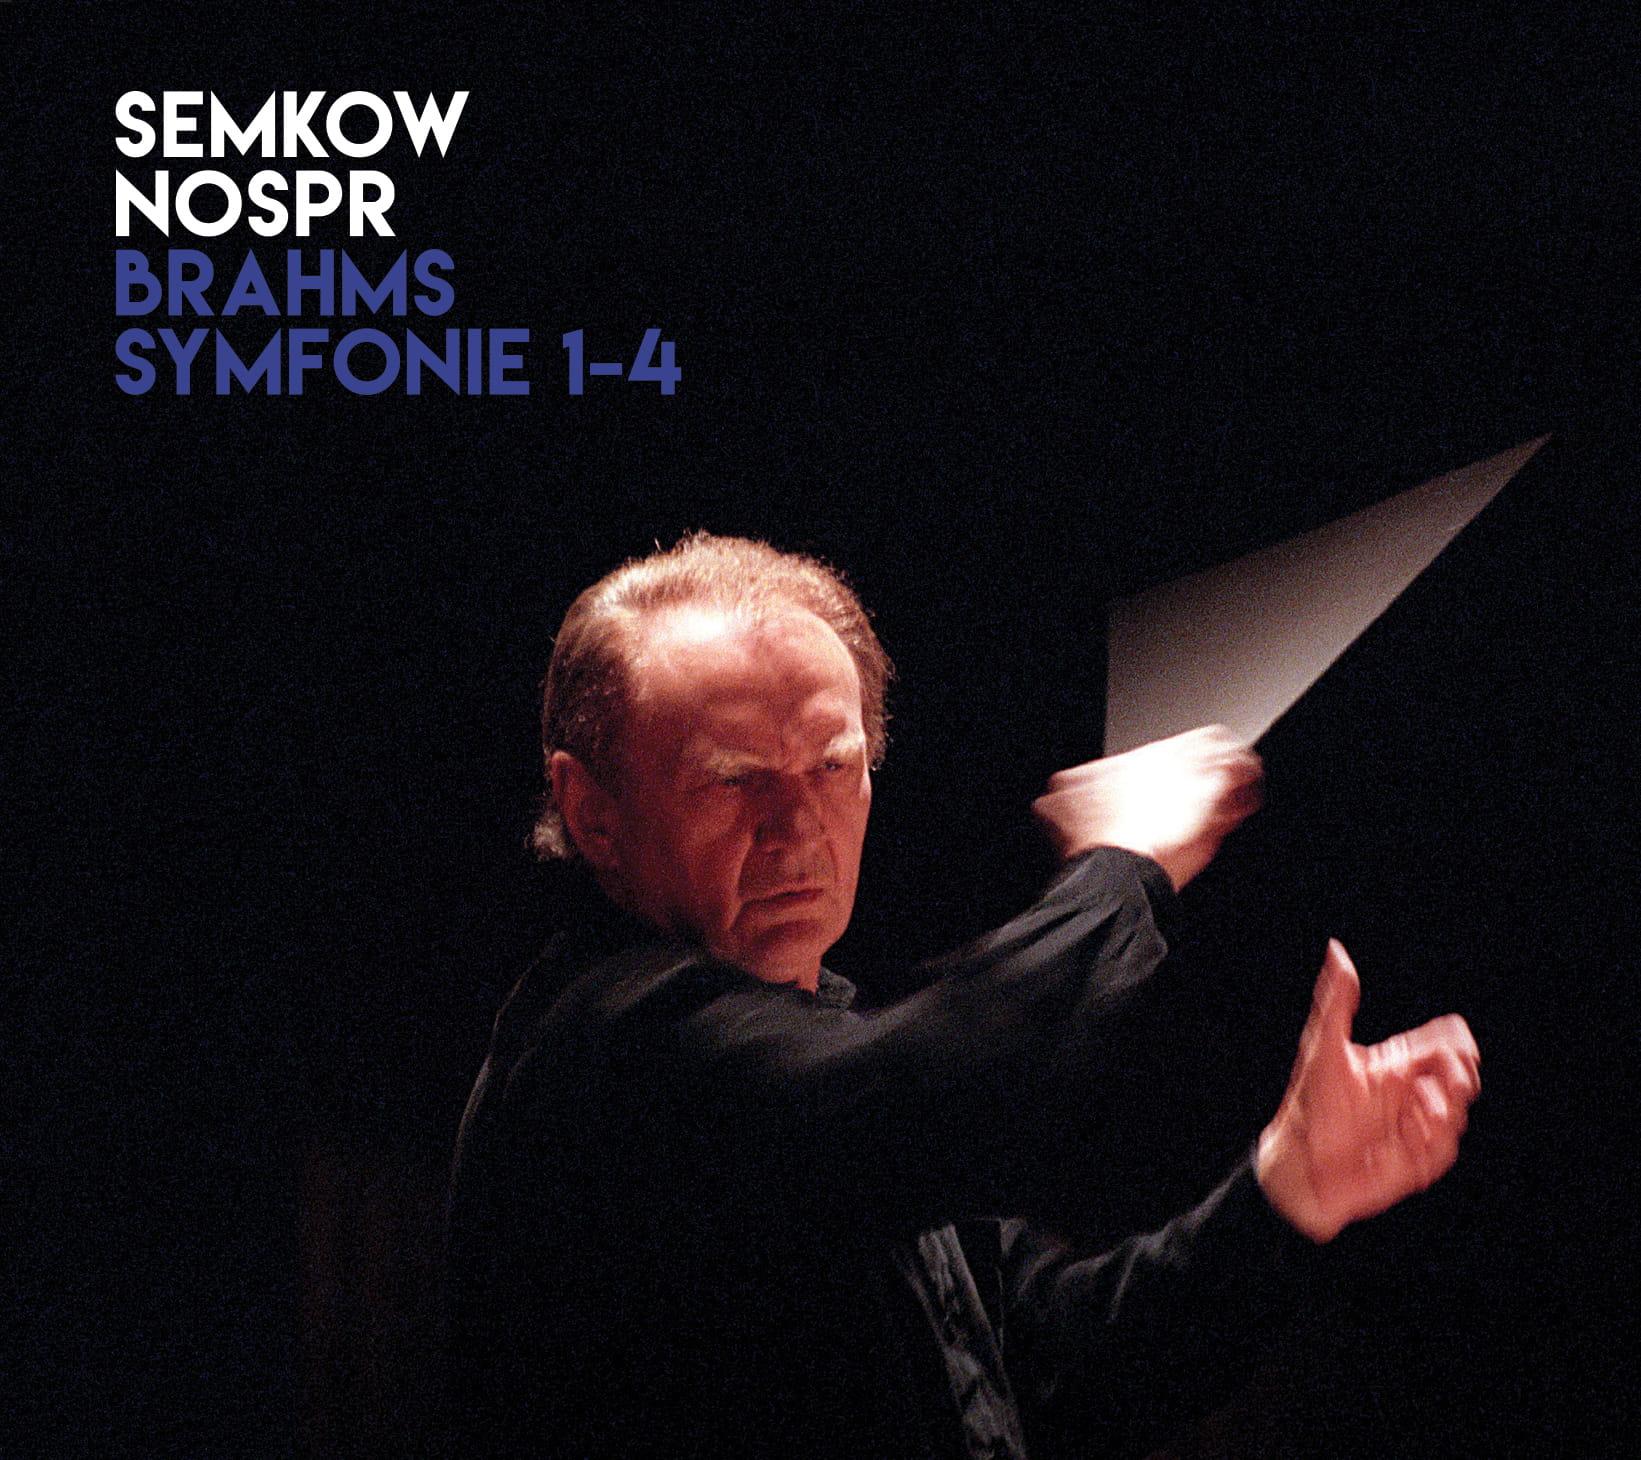 Semkow/NOSPR - Brahms, symfonie 1-4 [3 CD]